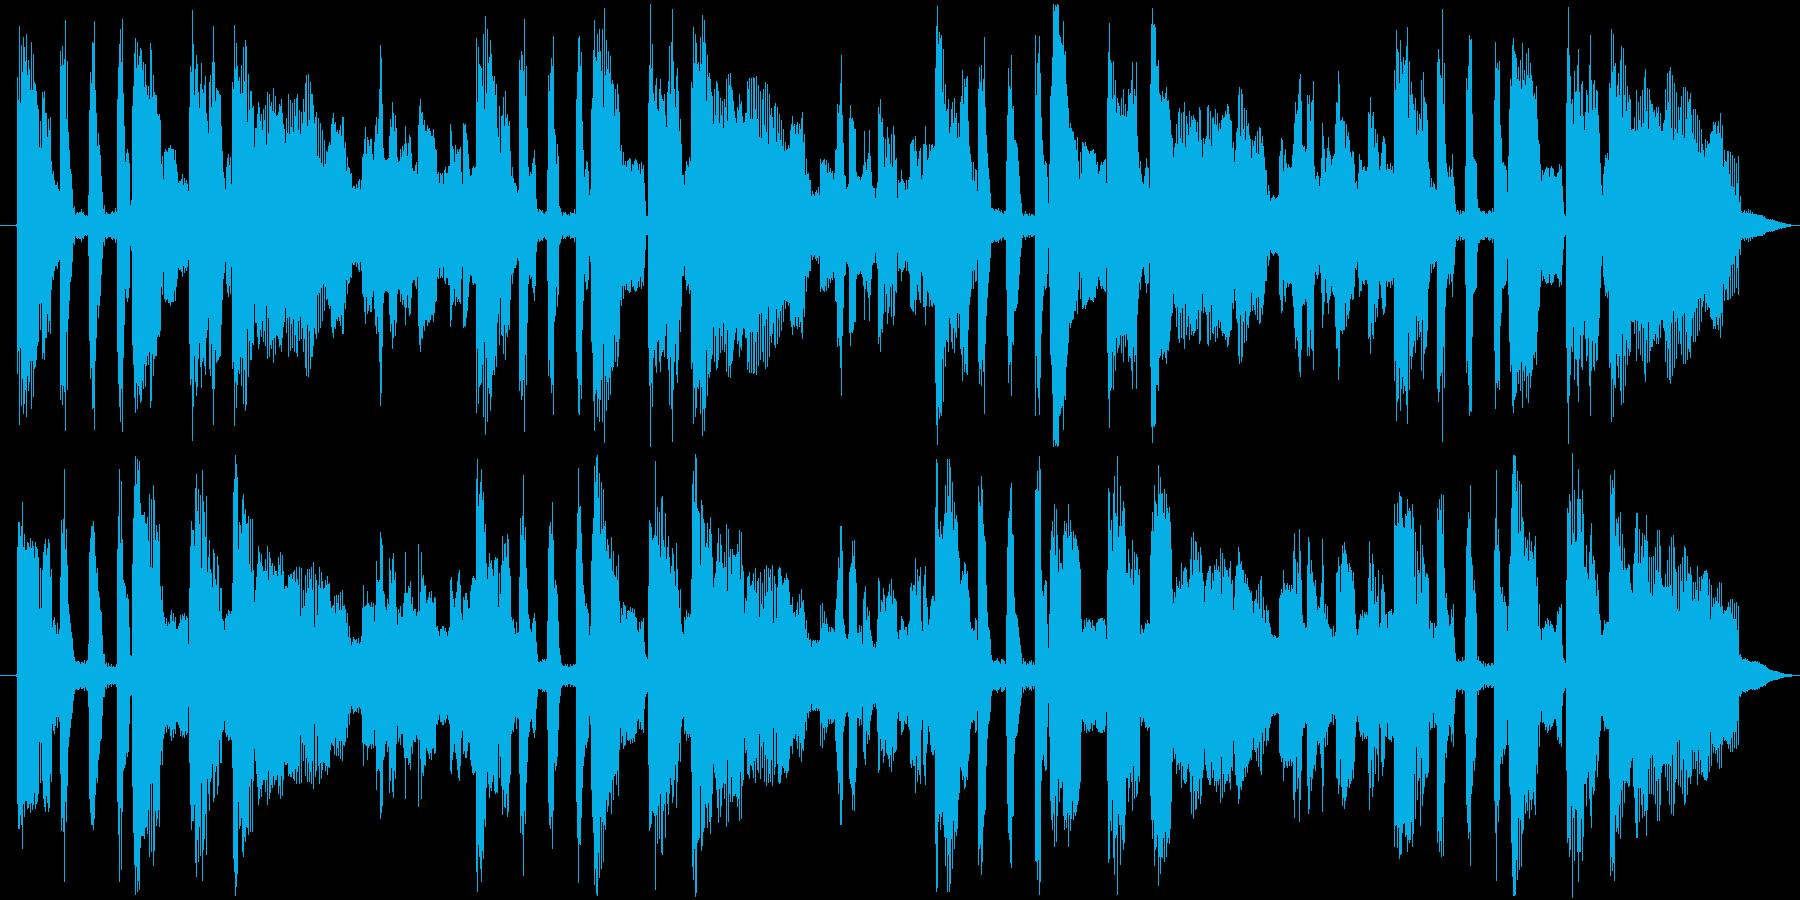 ファンキーなエレピ音源の再生済みの波形